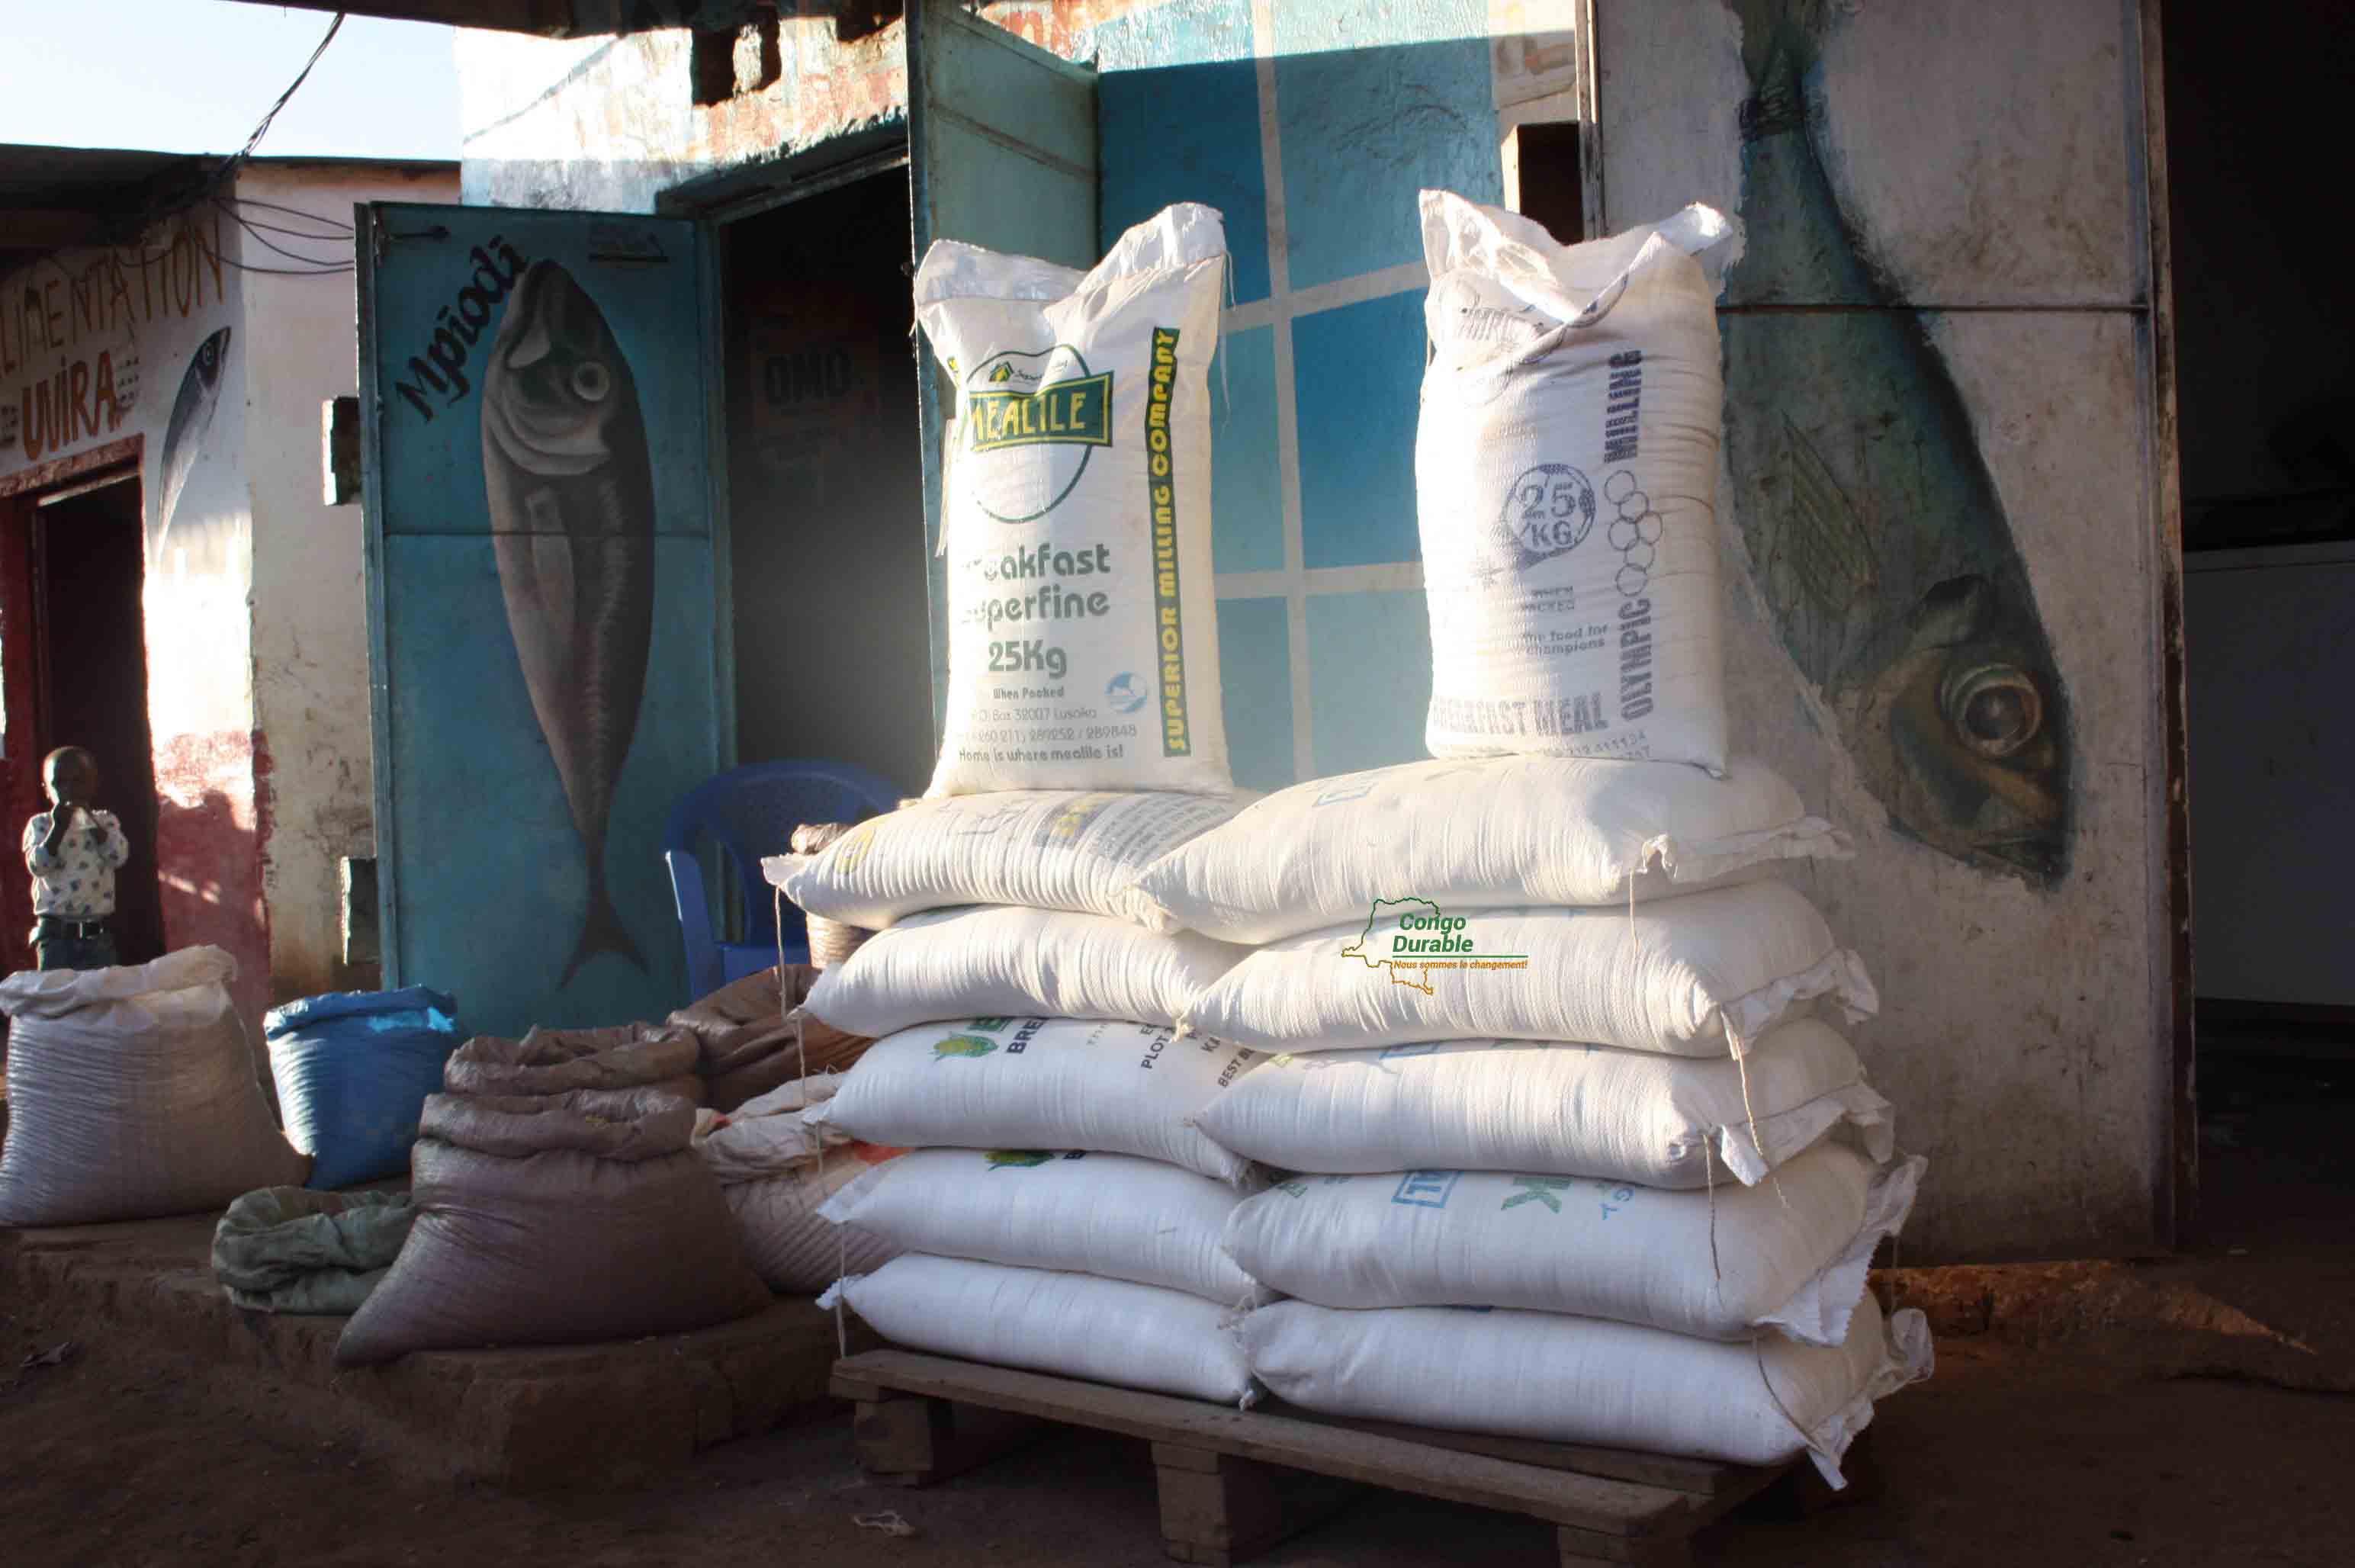 Face à la spéculation non expliquée dans la province du Haut-Katanga notamment dans la fixation de prix du sac de farine de maïs de 25 kg, la ministre de l'Economie, Acacia Bandubola a donné des orientations claires au Gouverneur de province, afin que celui-ci fasse exécuter la loi en matière de fixation des prix.